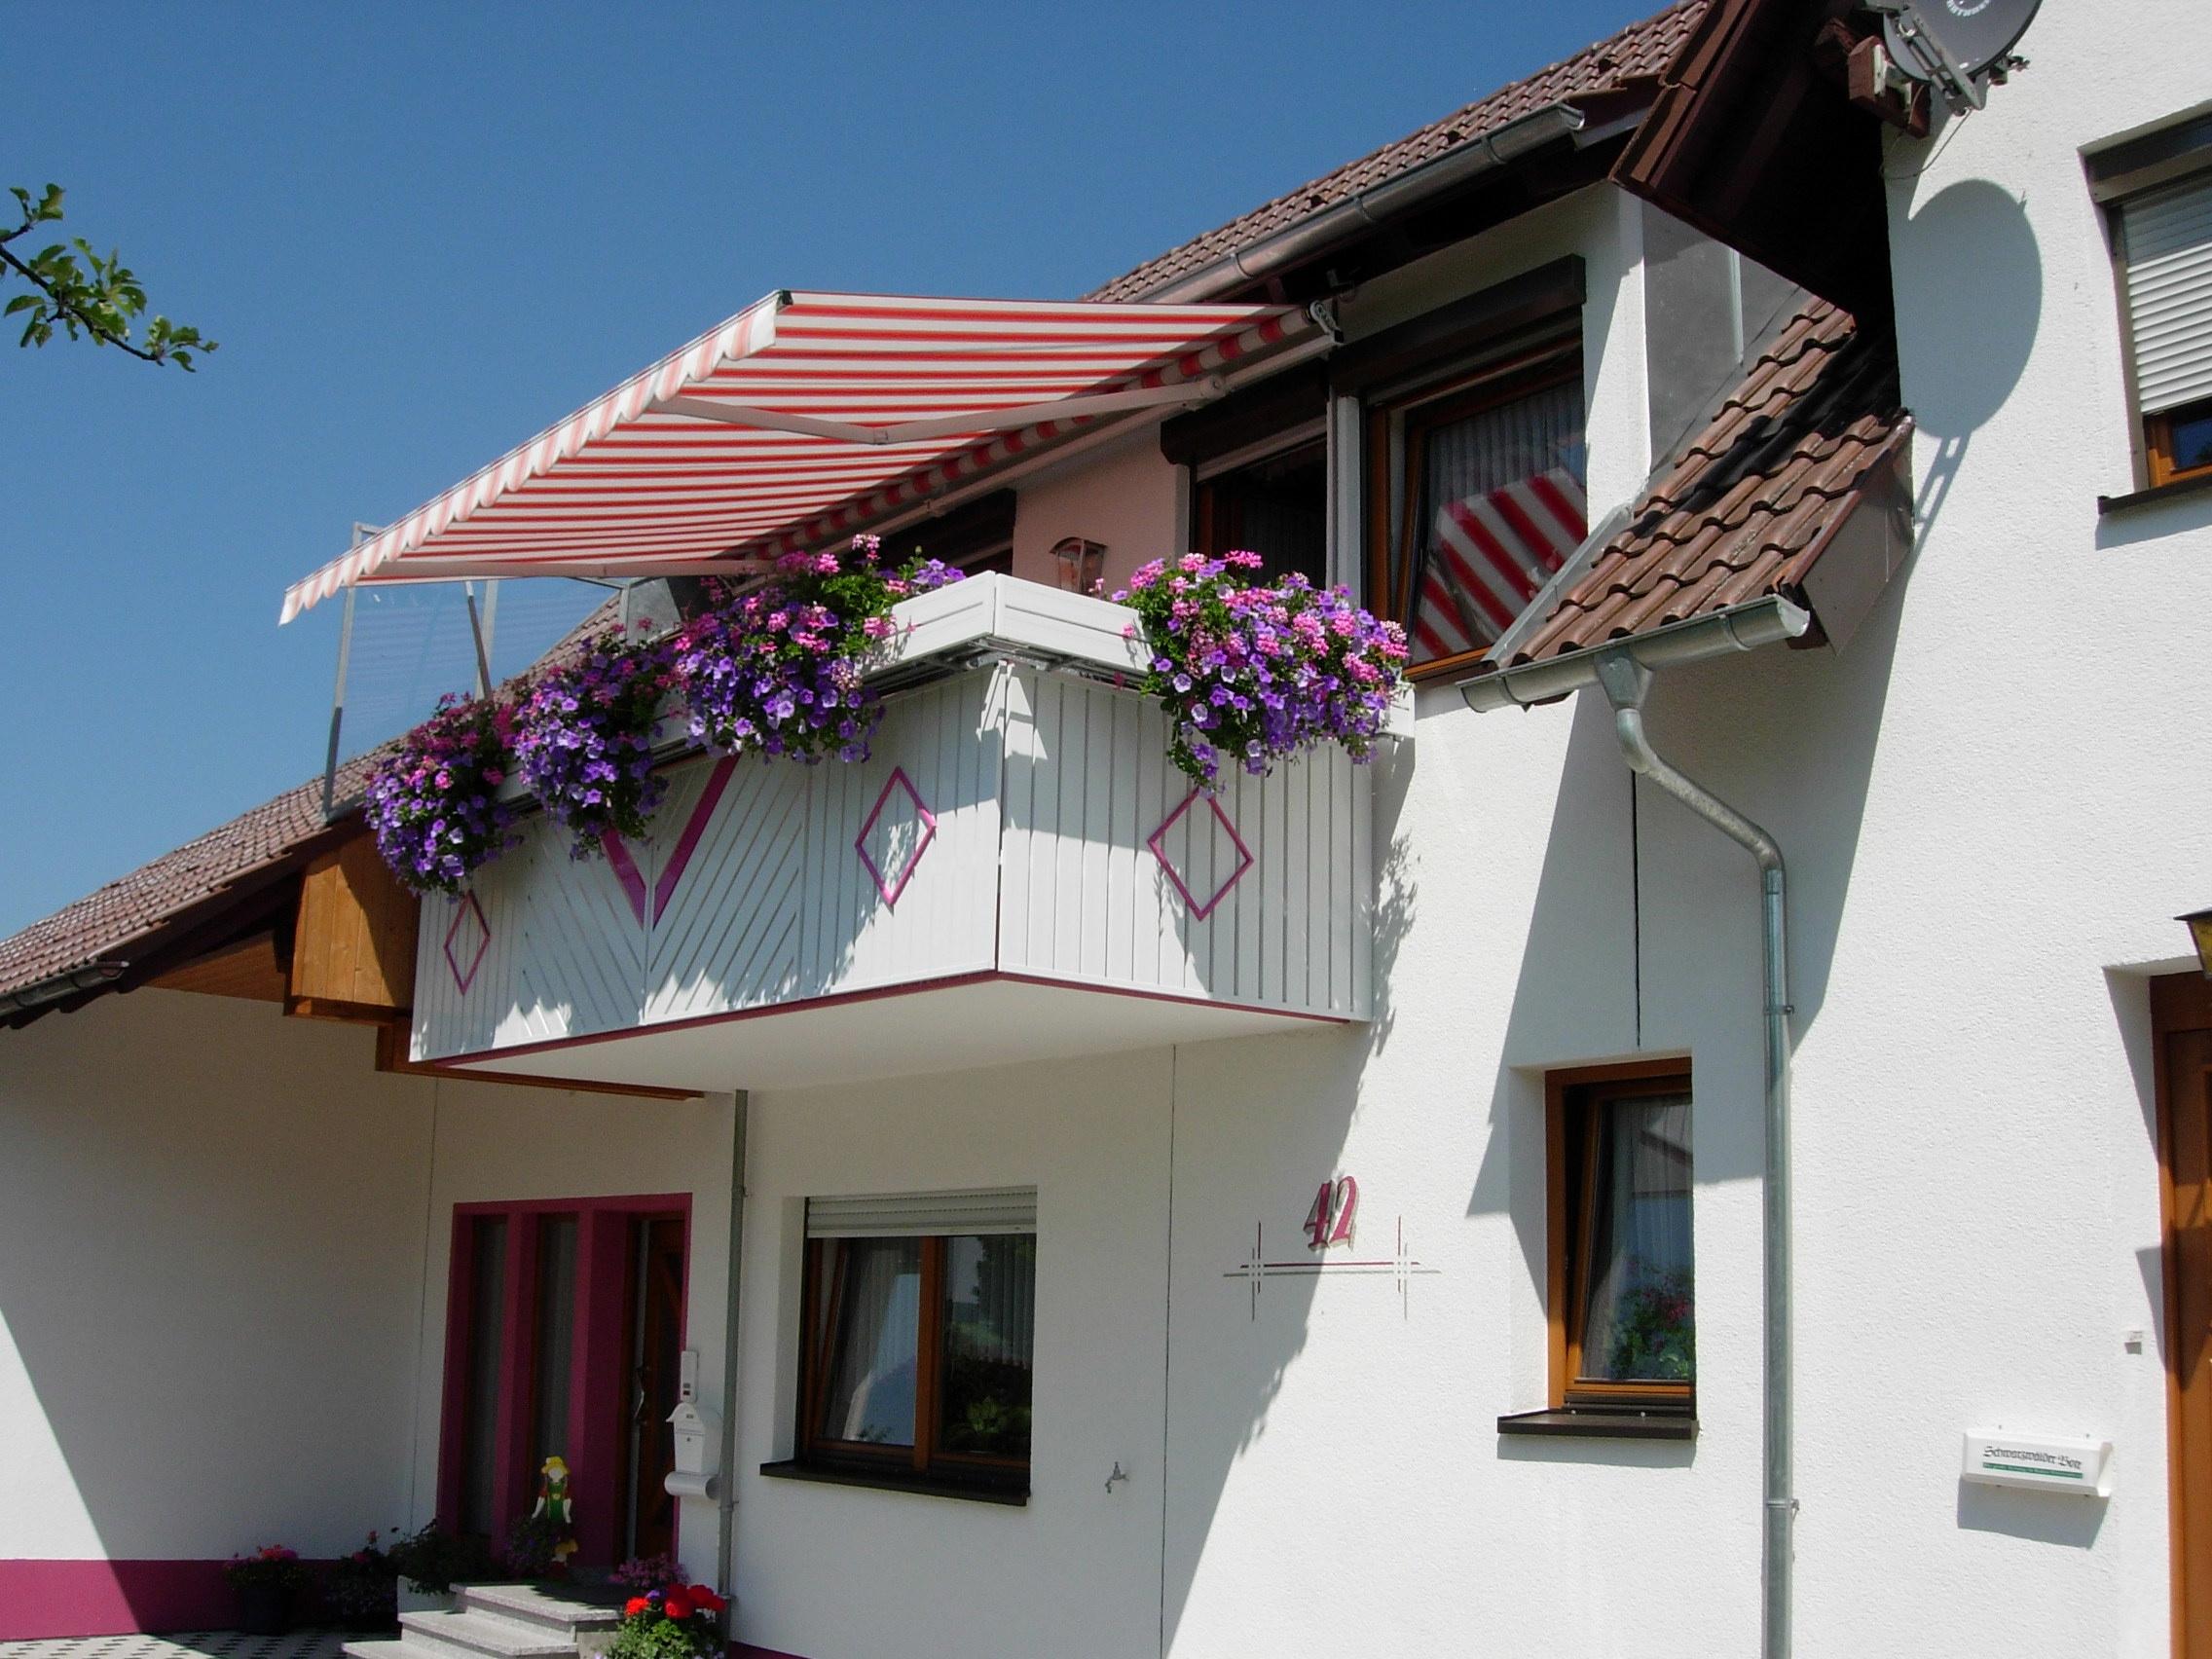 Balkonelemente in weiß mit Farbakzenten in pink.